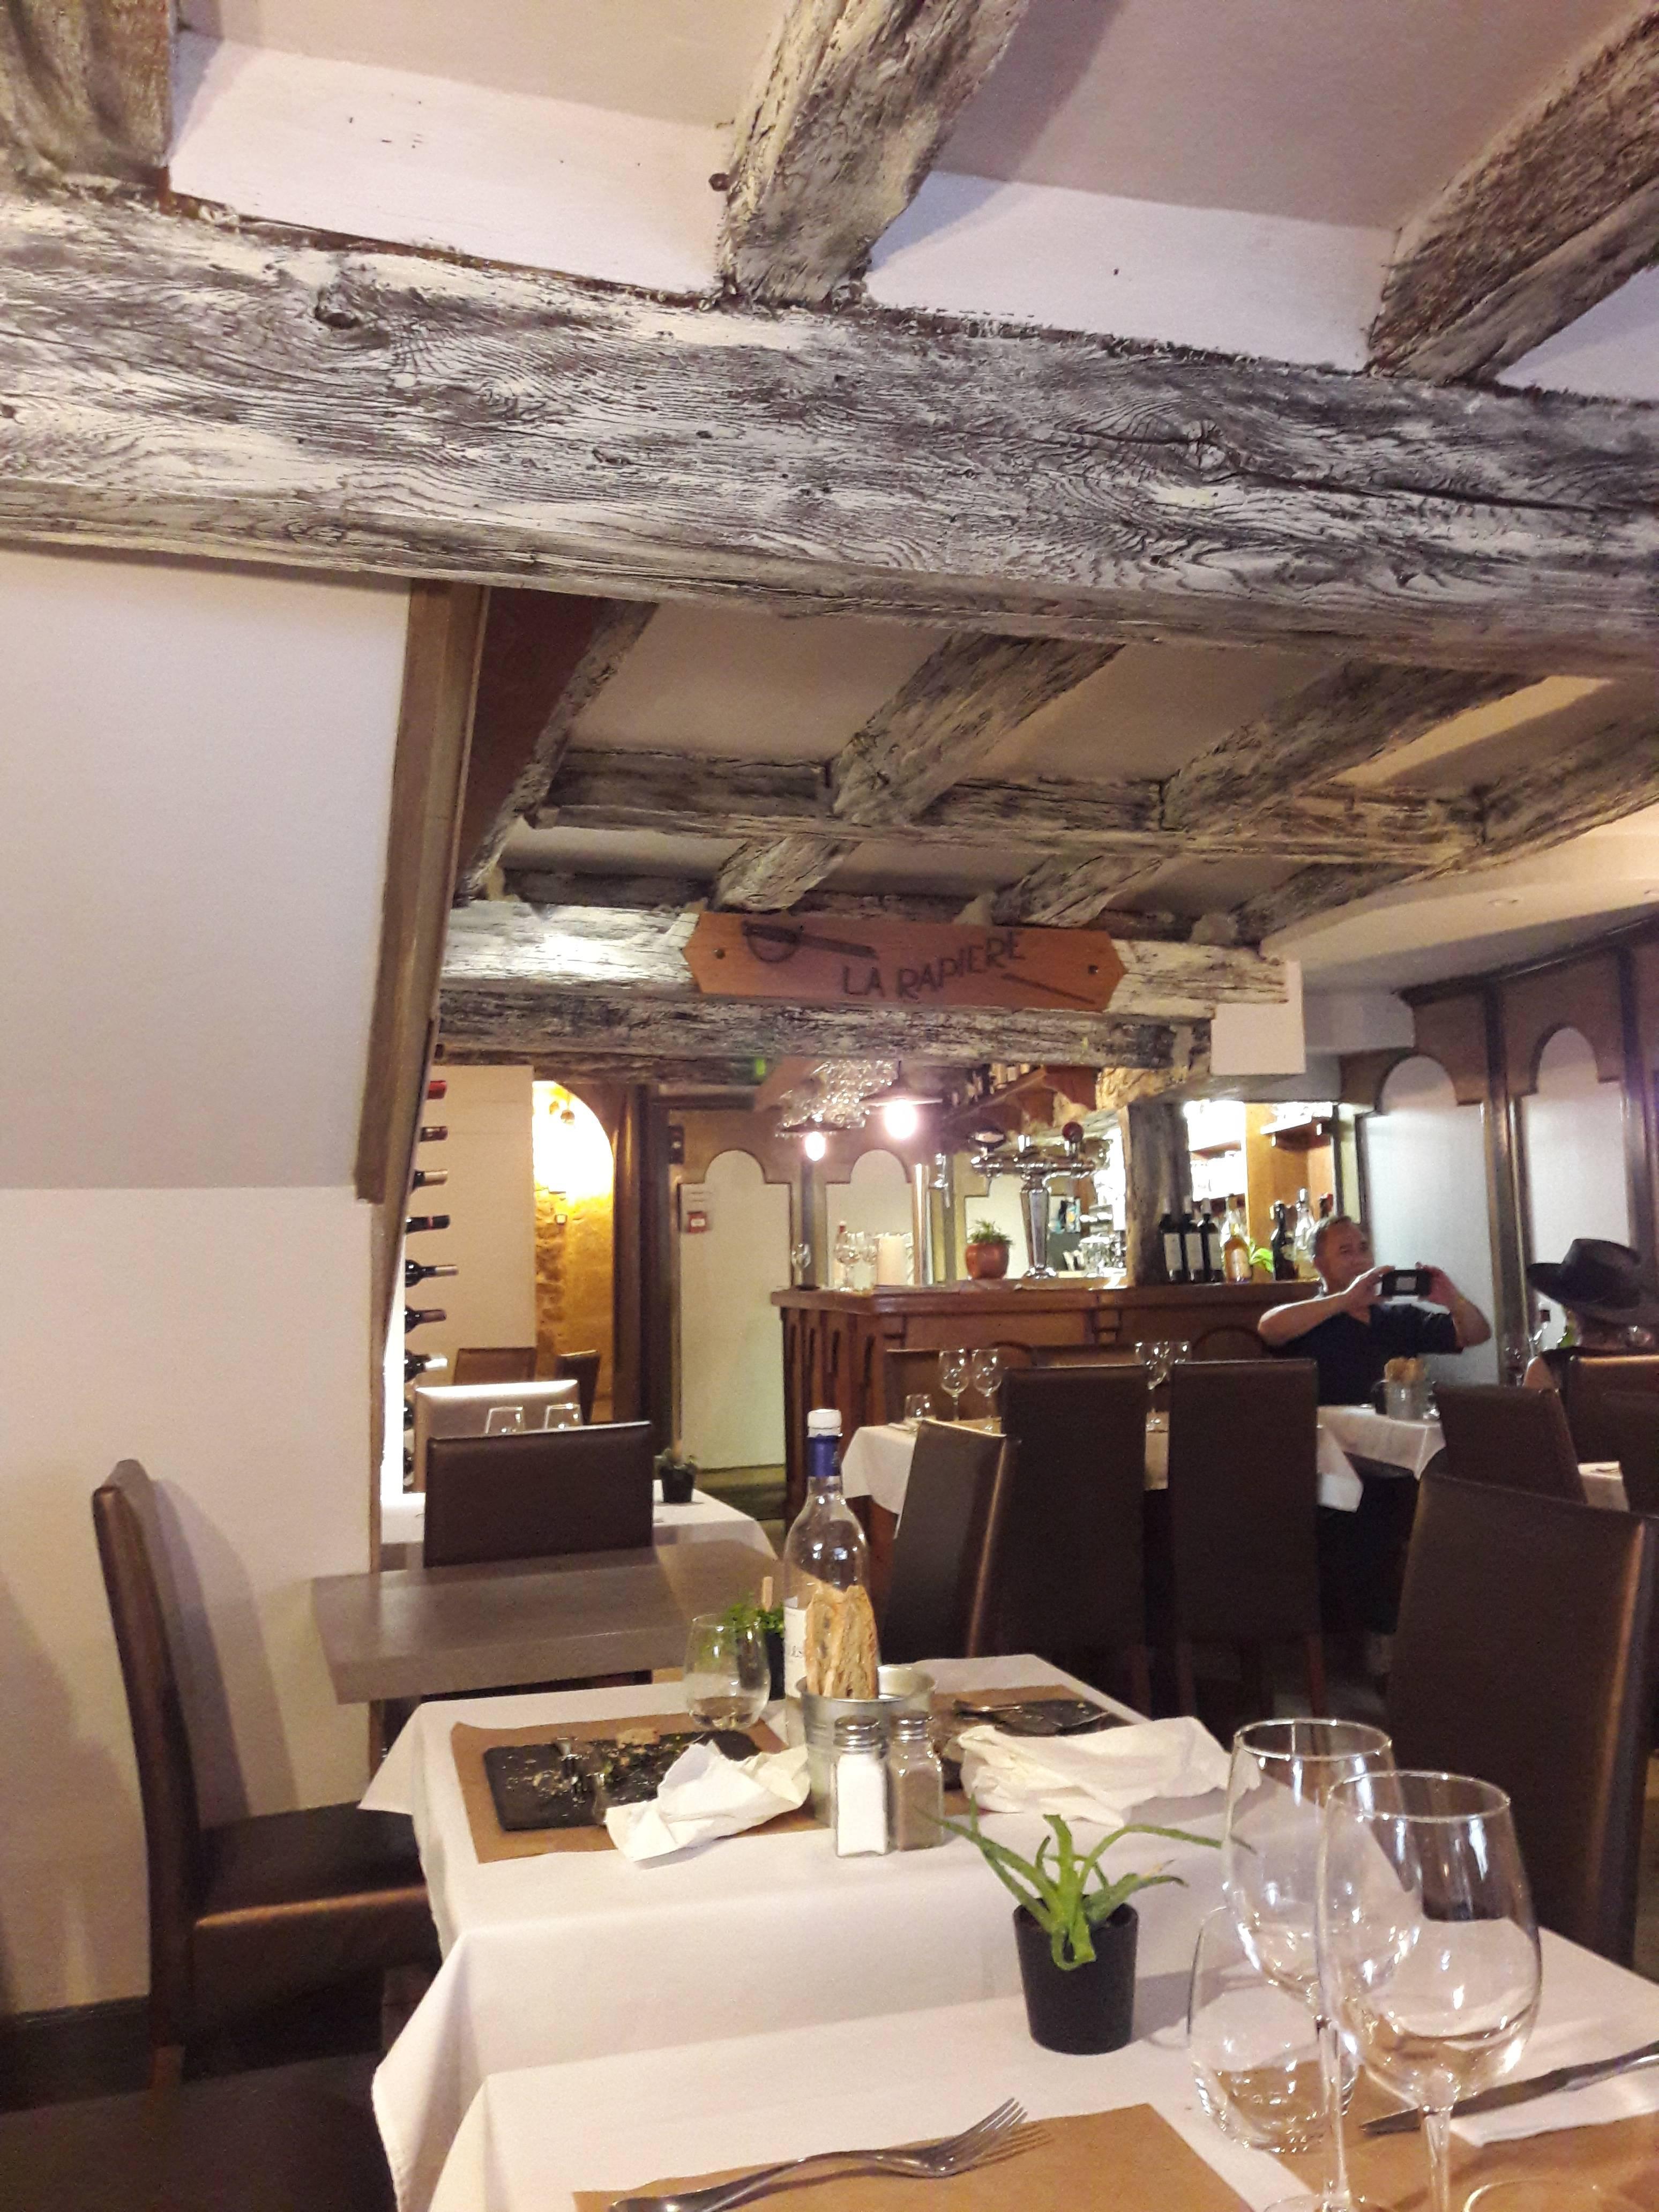 Photo 3: Un excellent restaurant, tout sur le canard!